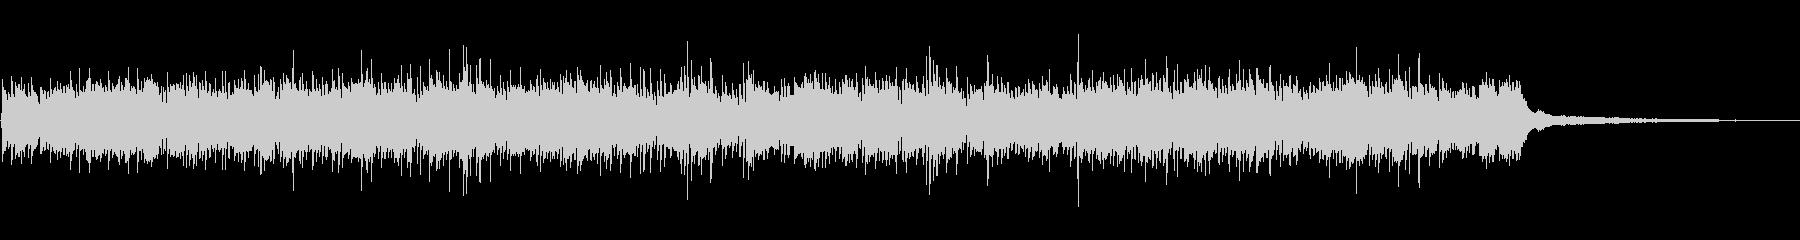 スターク、ピアノ、の未再生の波形